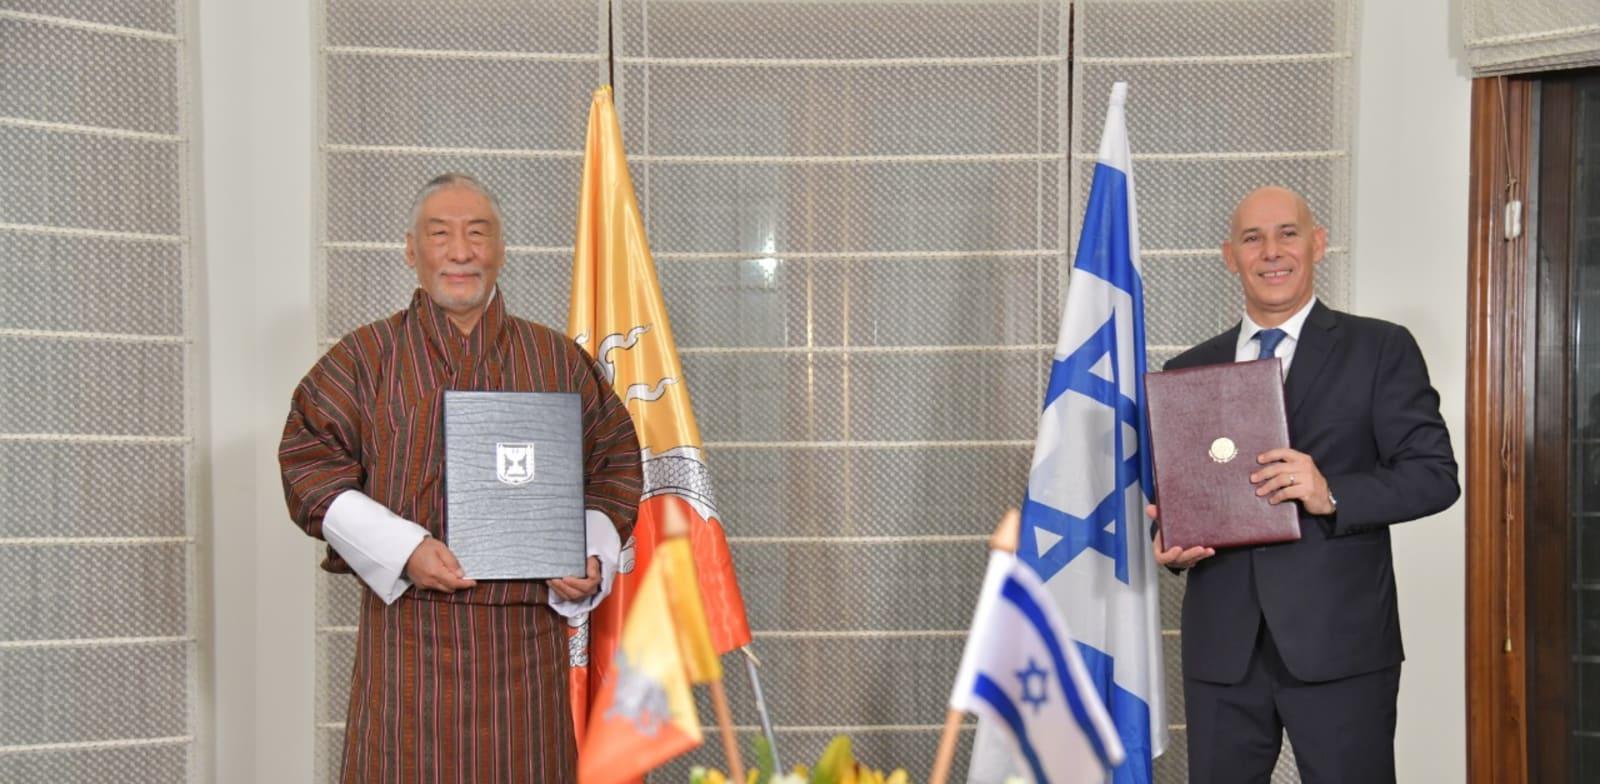 שגרירי ישראל ובהוטן בהודו במעמד החתימה על כינון היחסים / צילום: שגרירות ישראל בניו דלהי